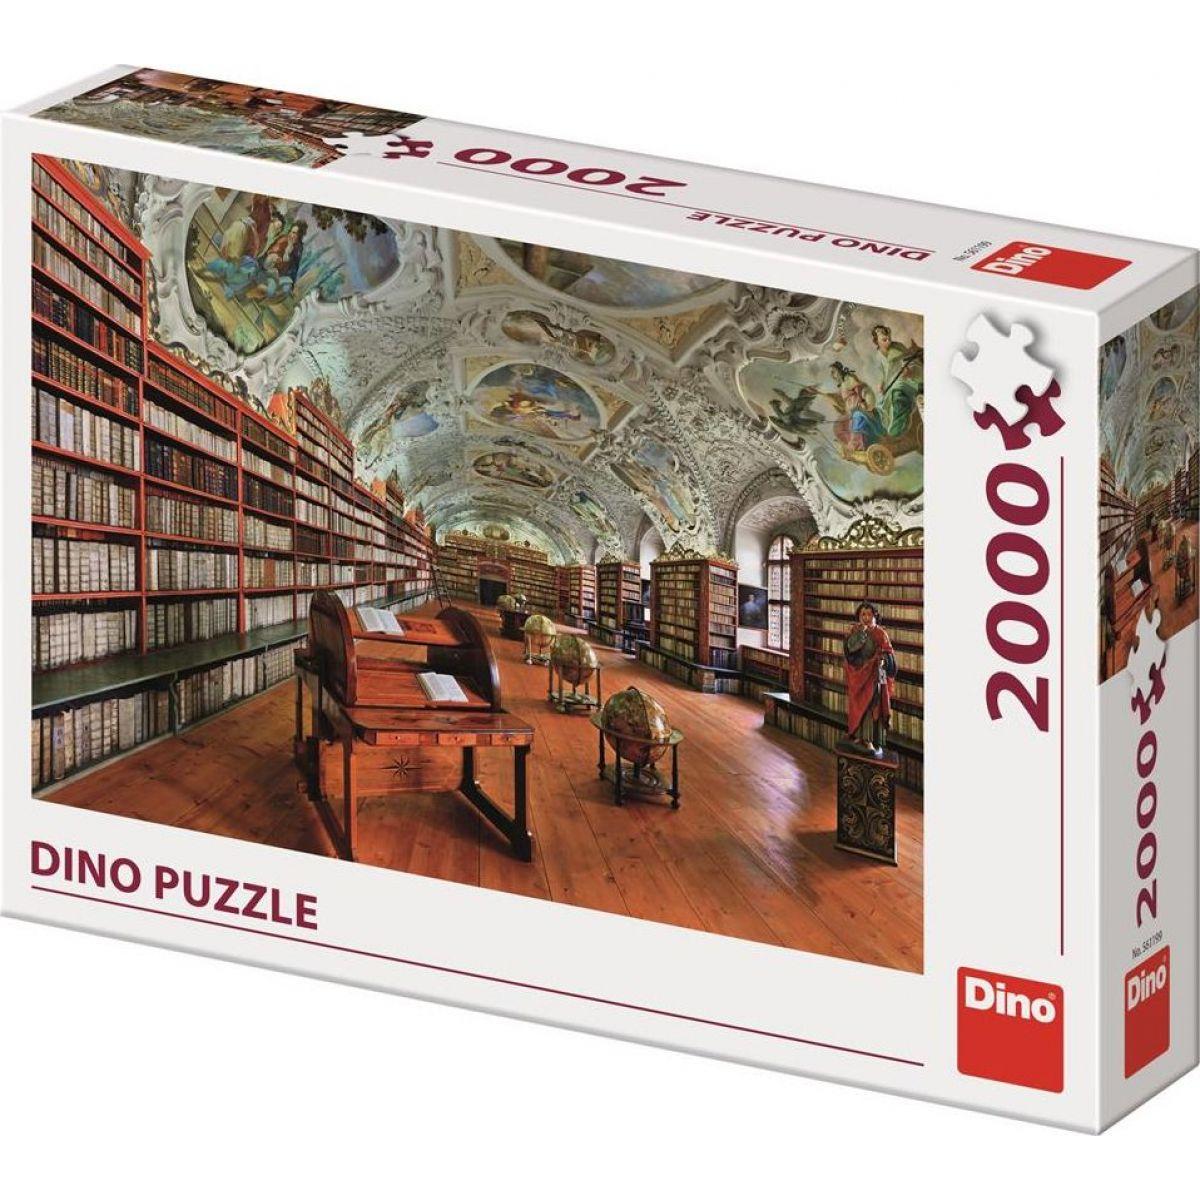 Dino Strahov teologický sála 2000 dielikov puzzle